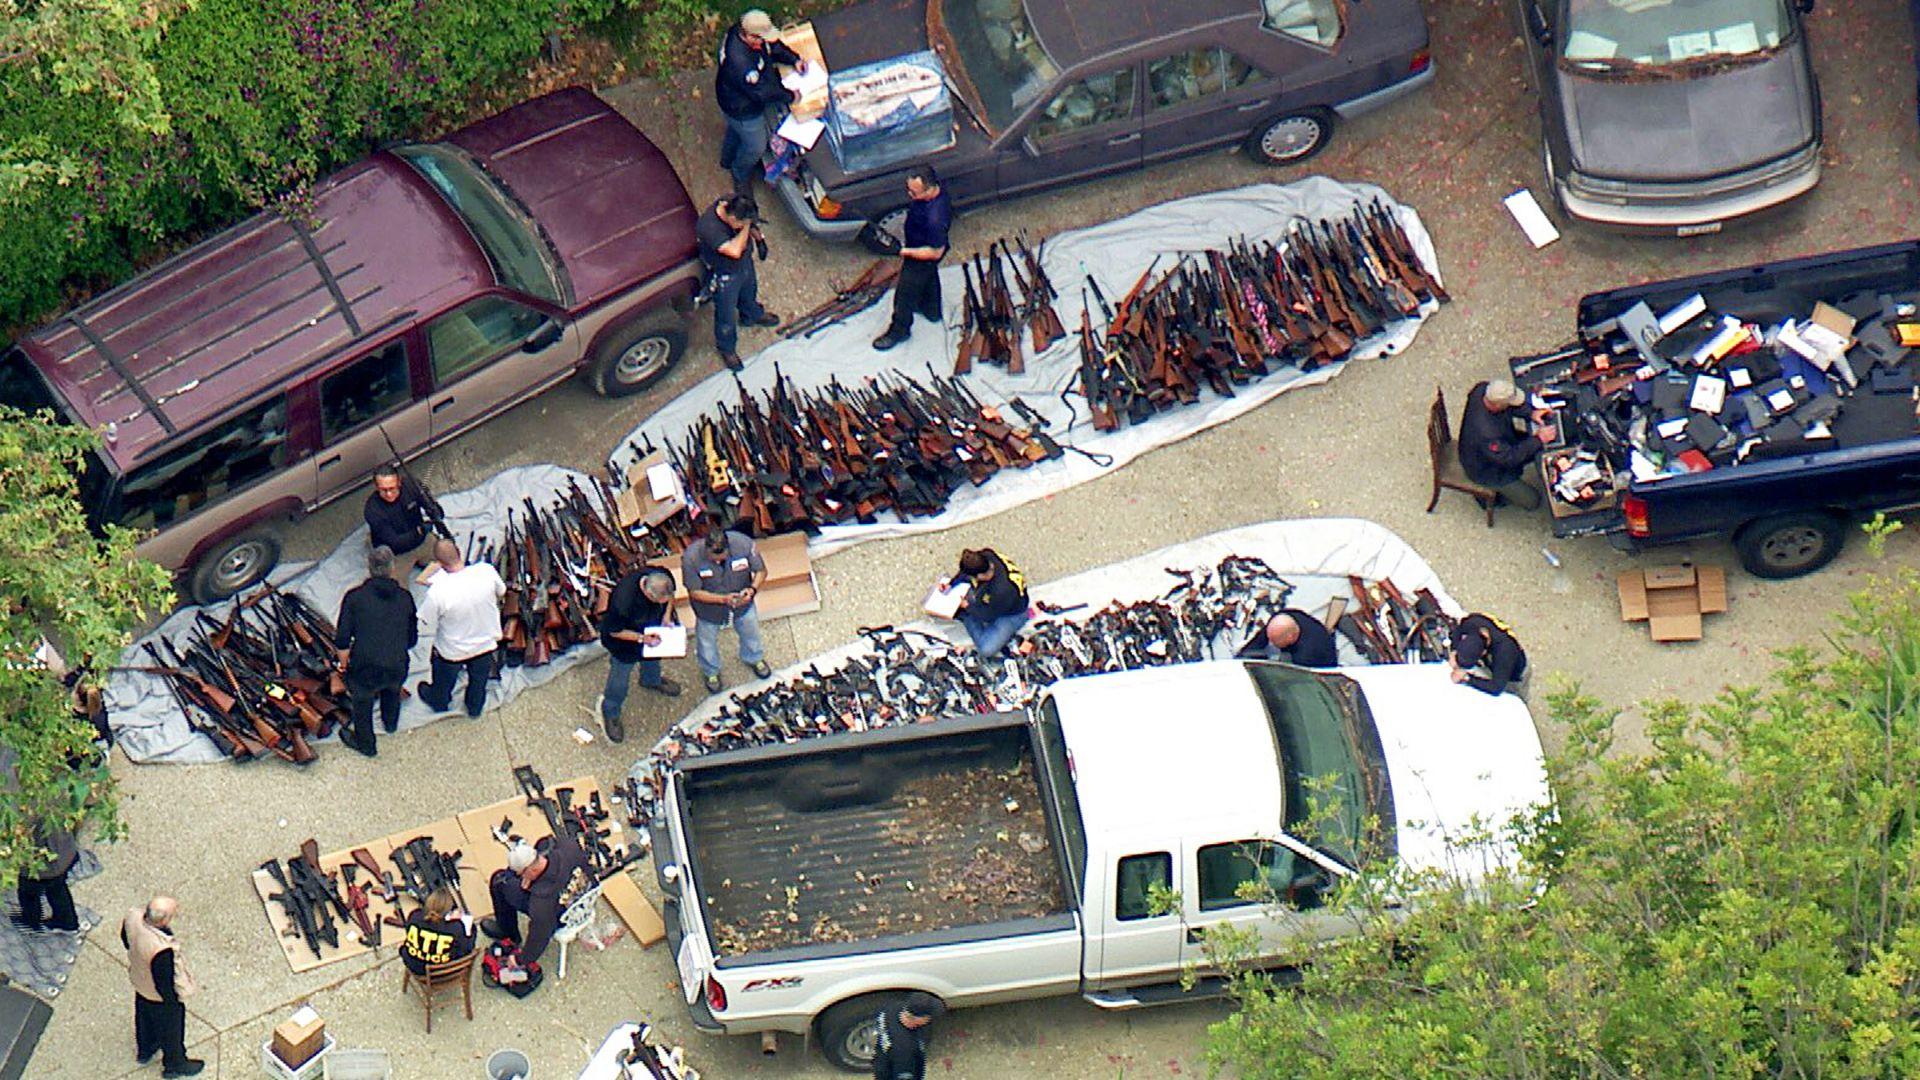 Полицията откри над 1000 оръжия в имот в шикозен квартал на Лос Анджелис